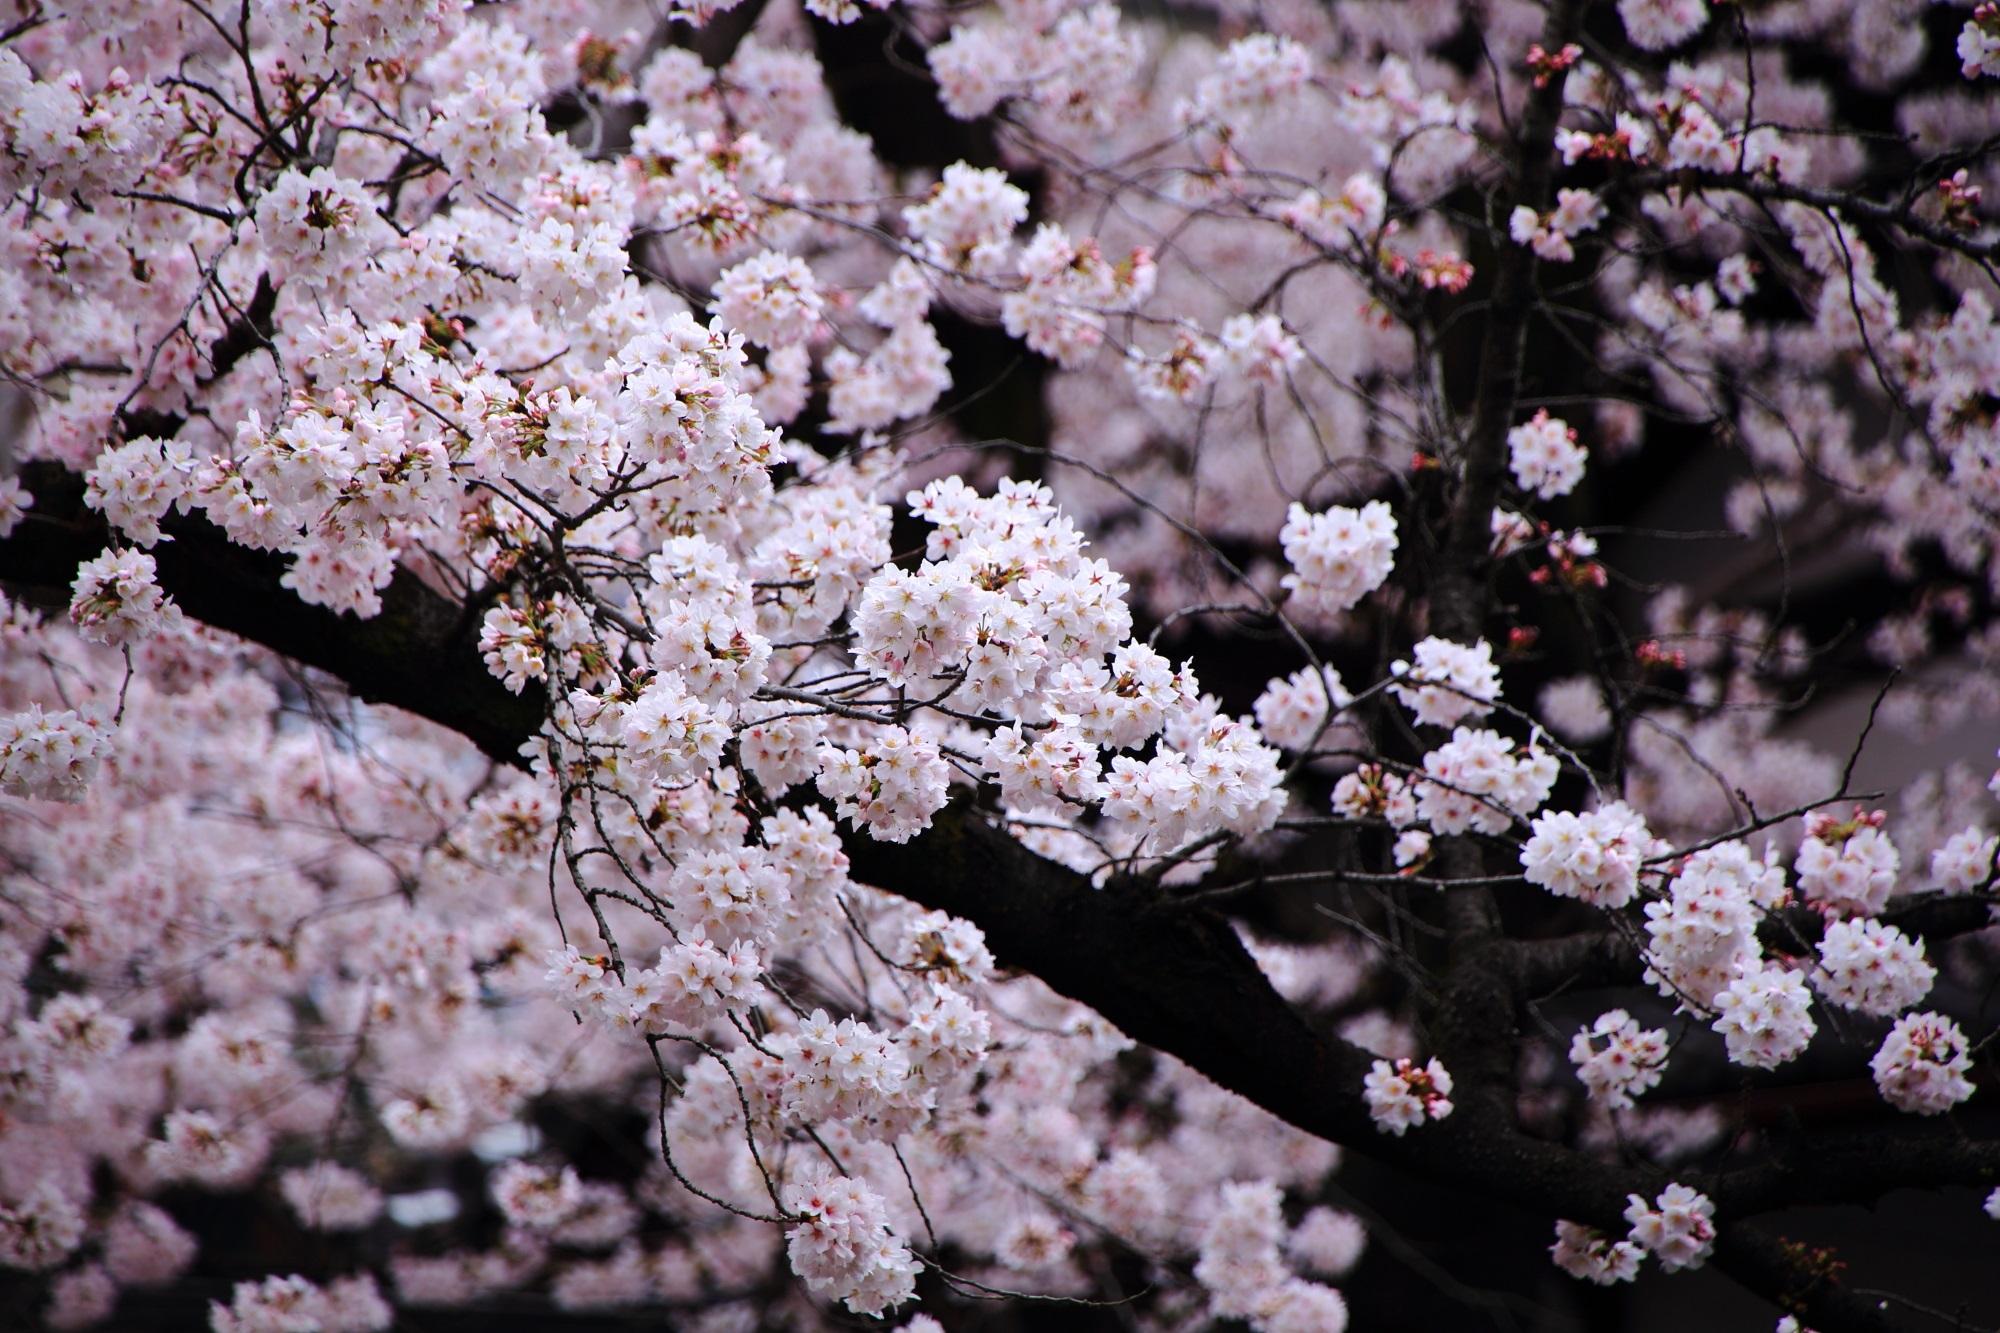 墨染桜で知られる京都の桜の隠れた名所の墨染寺